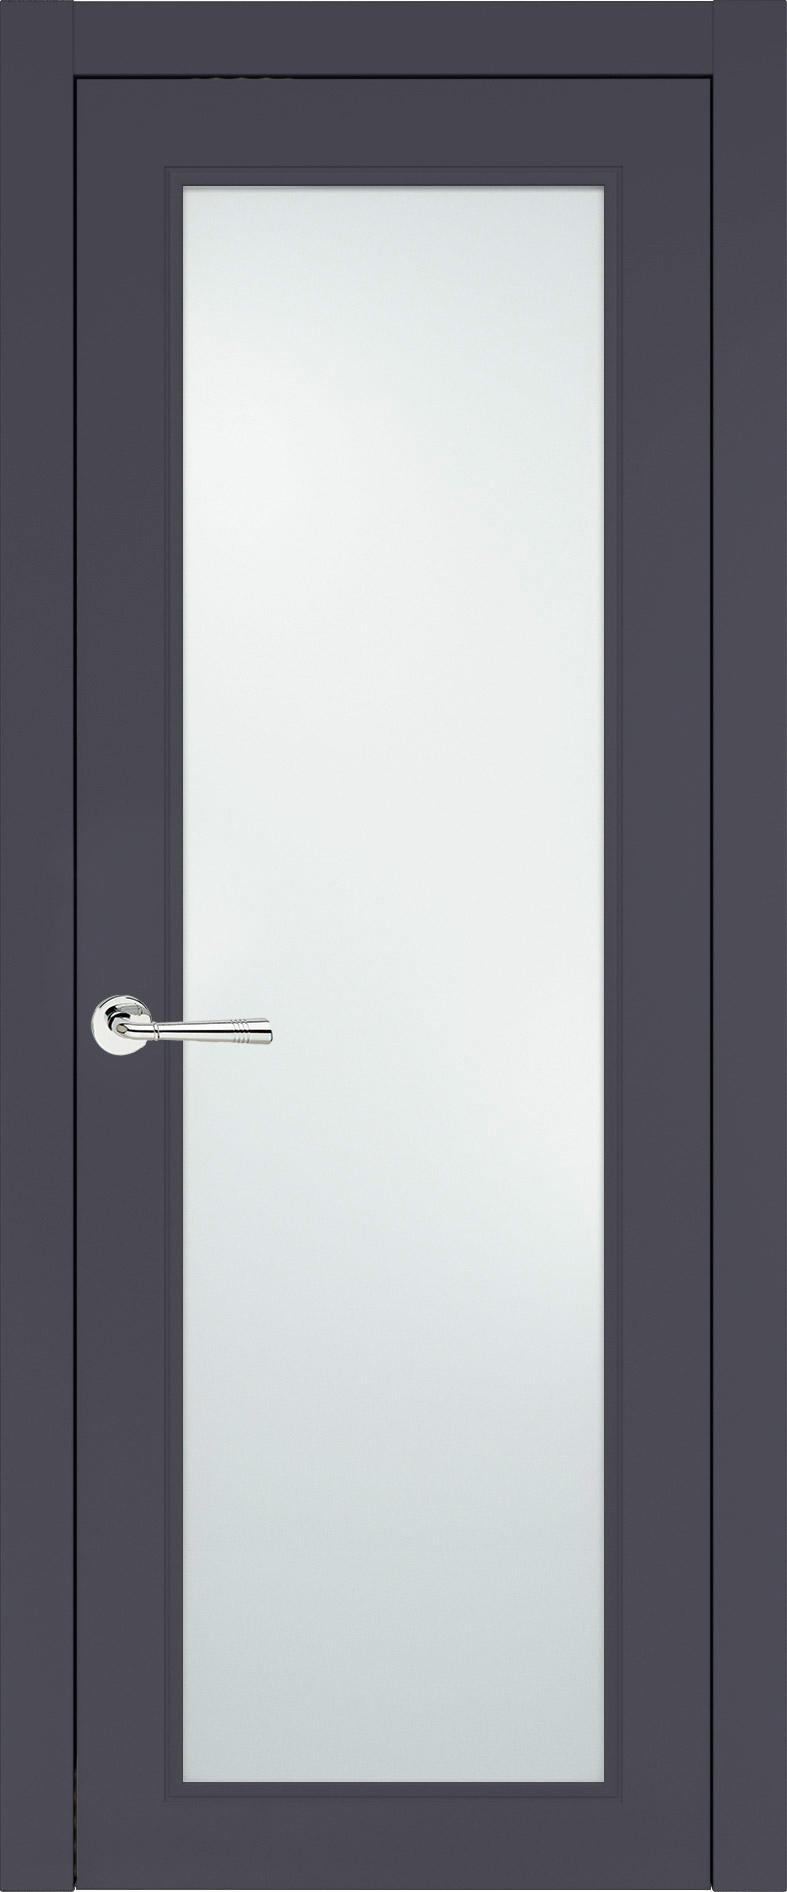 Domenica Neo Classic цвет - Графитово-серая эмаль (RAL 7024) Со стеклом (ДО)